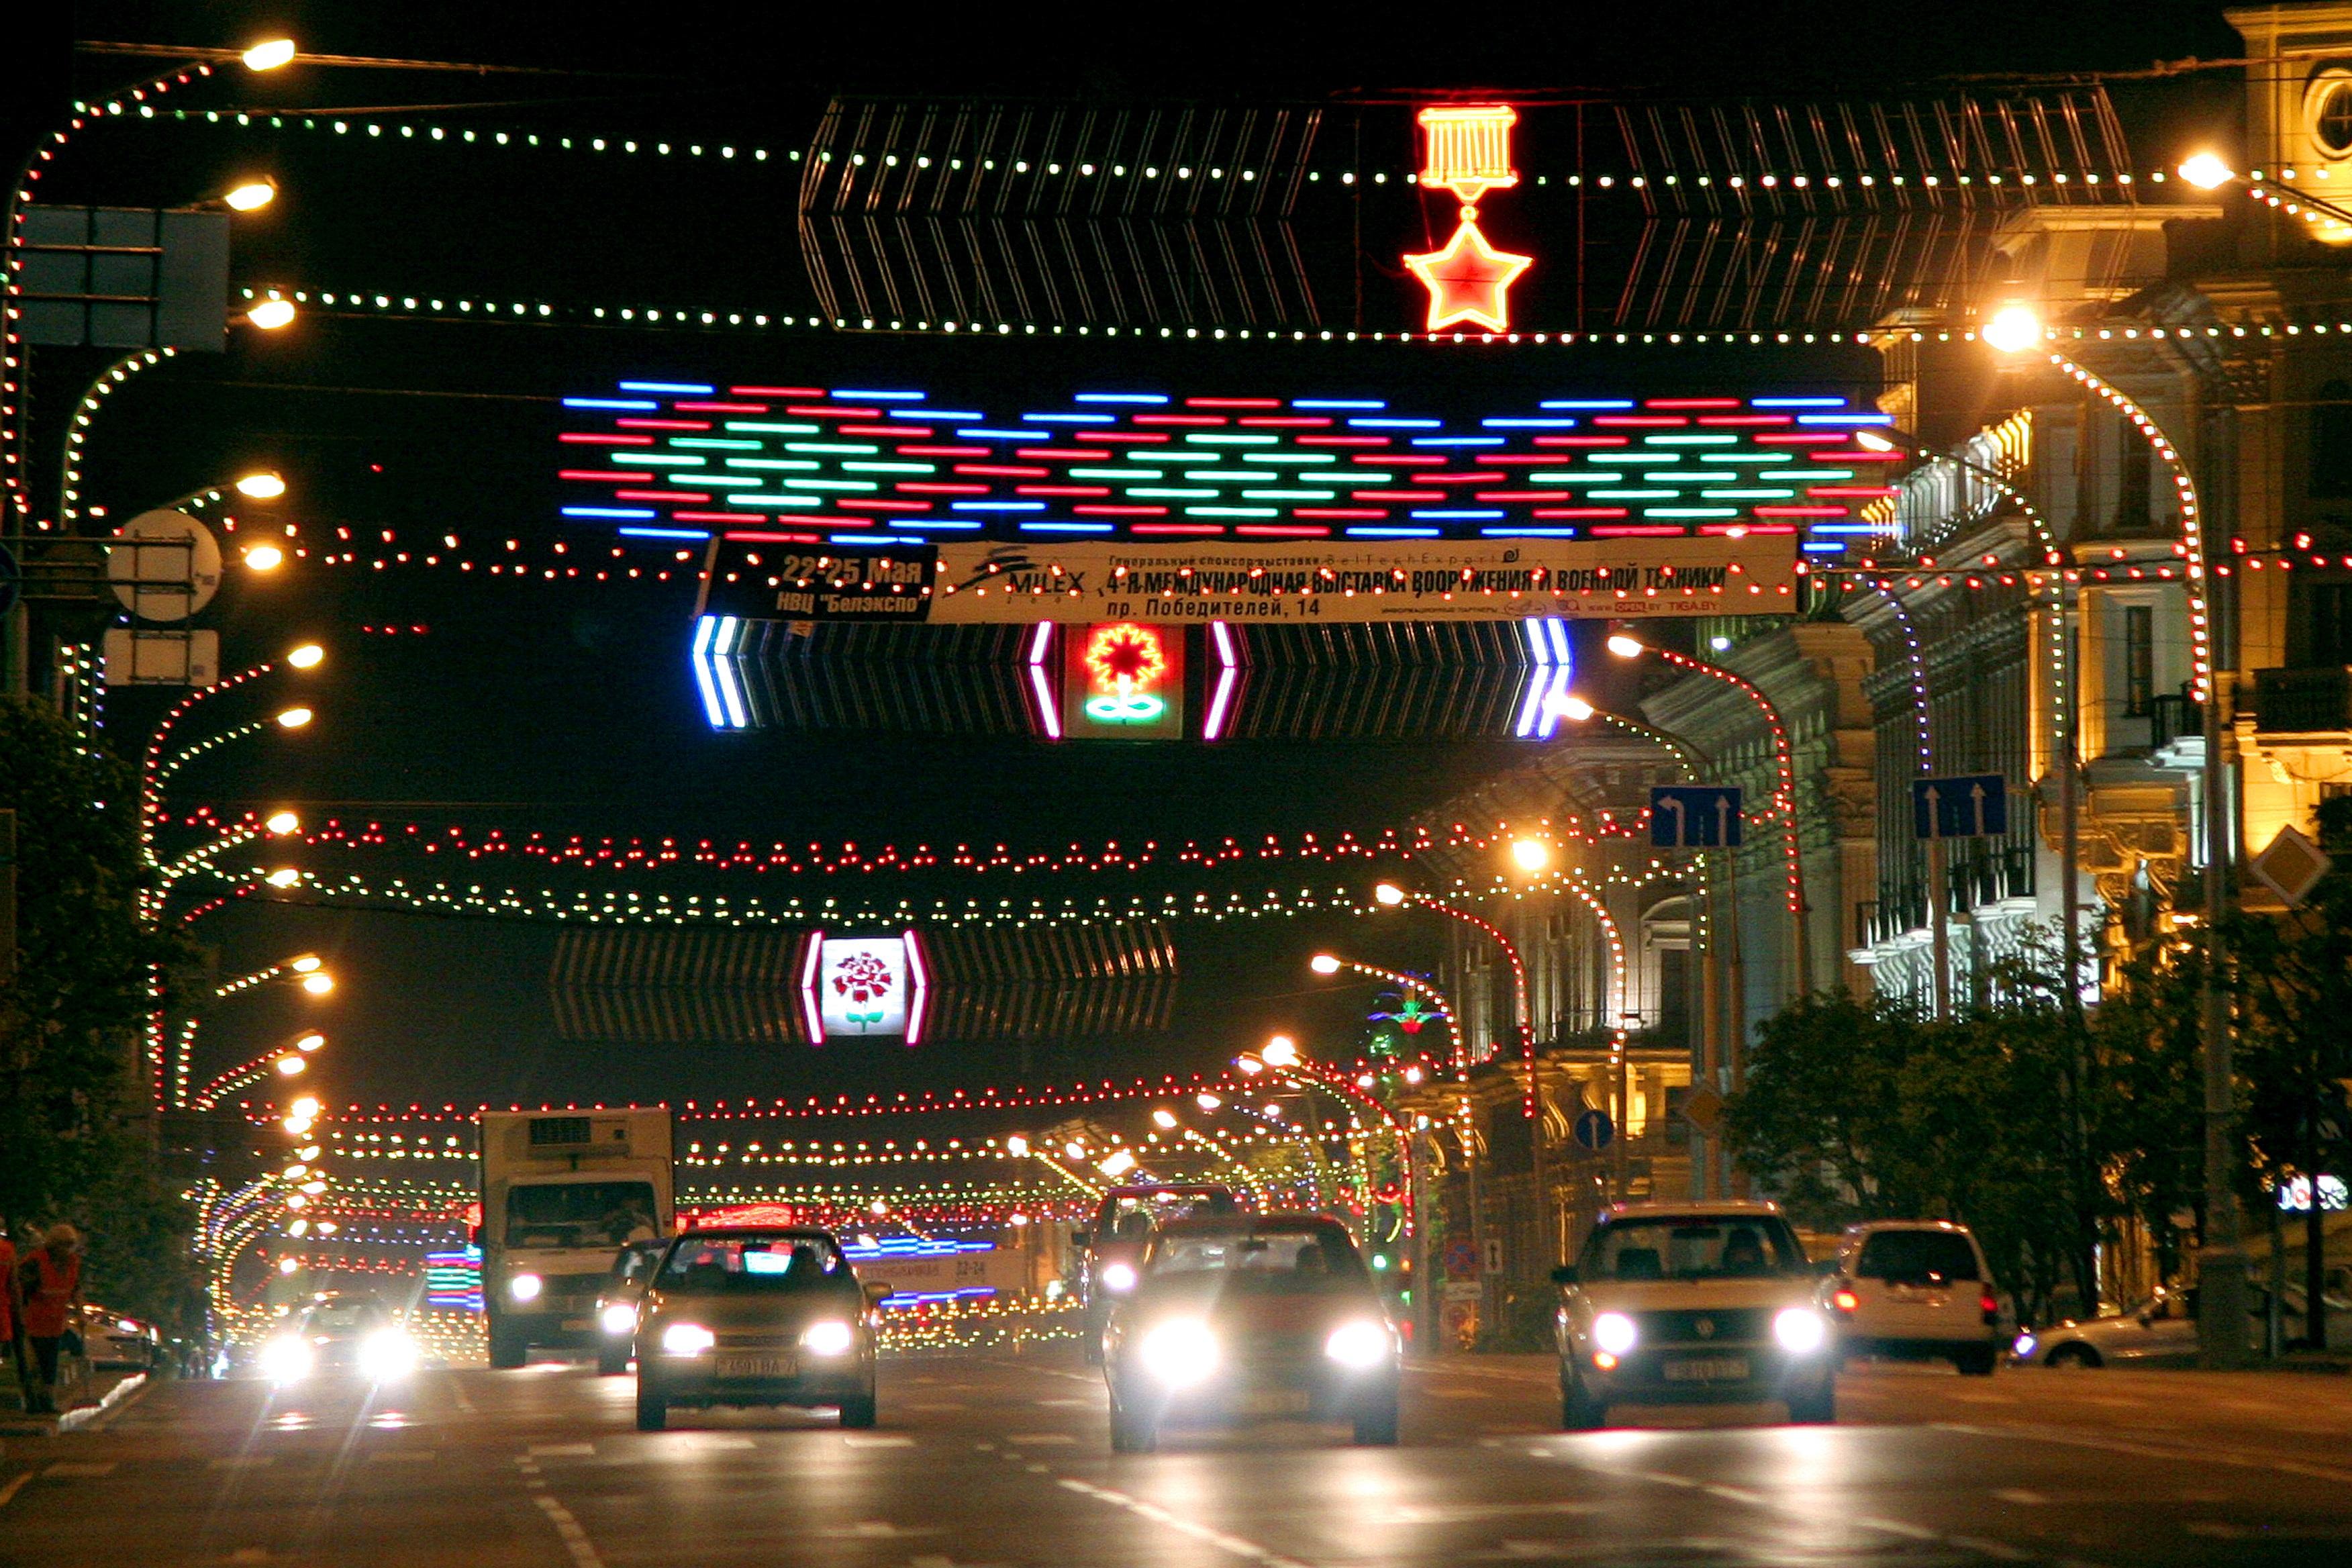 Sutemos centrinės Minsko gatvės ir pastatai įspūdingai apšviečiami. (K. Žukausko nuotr.)